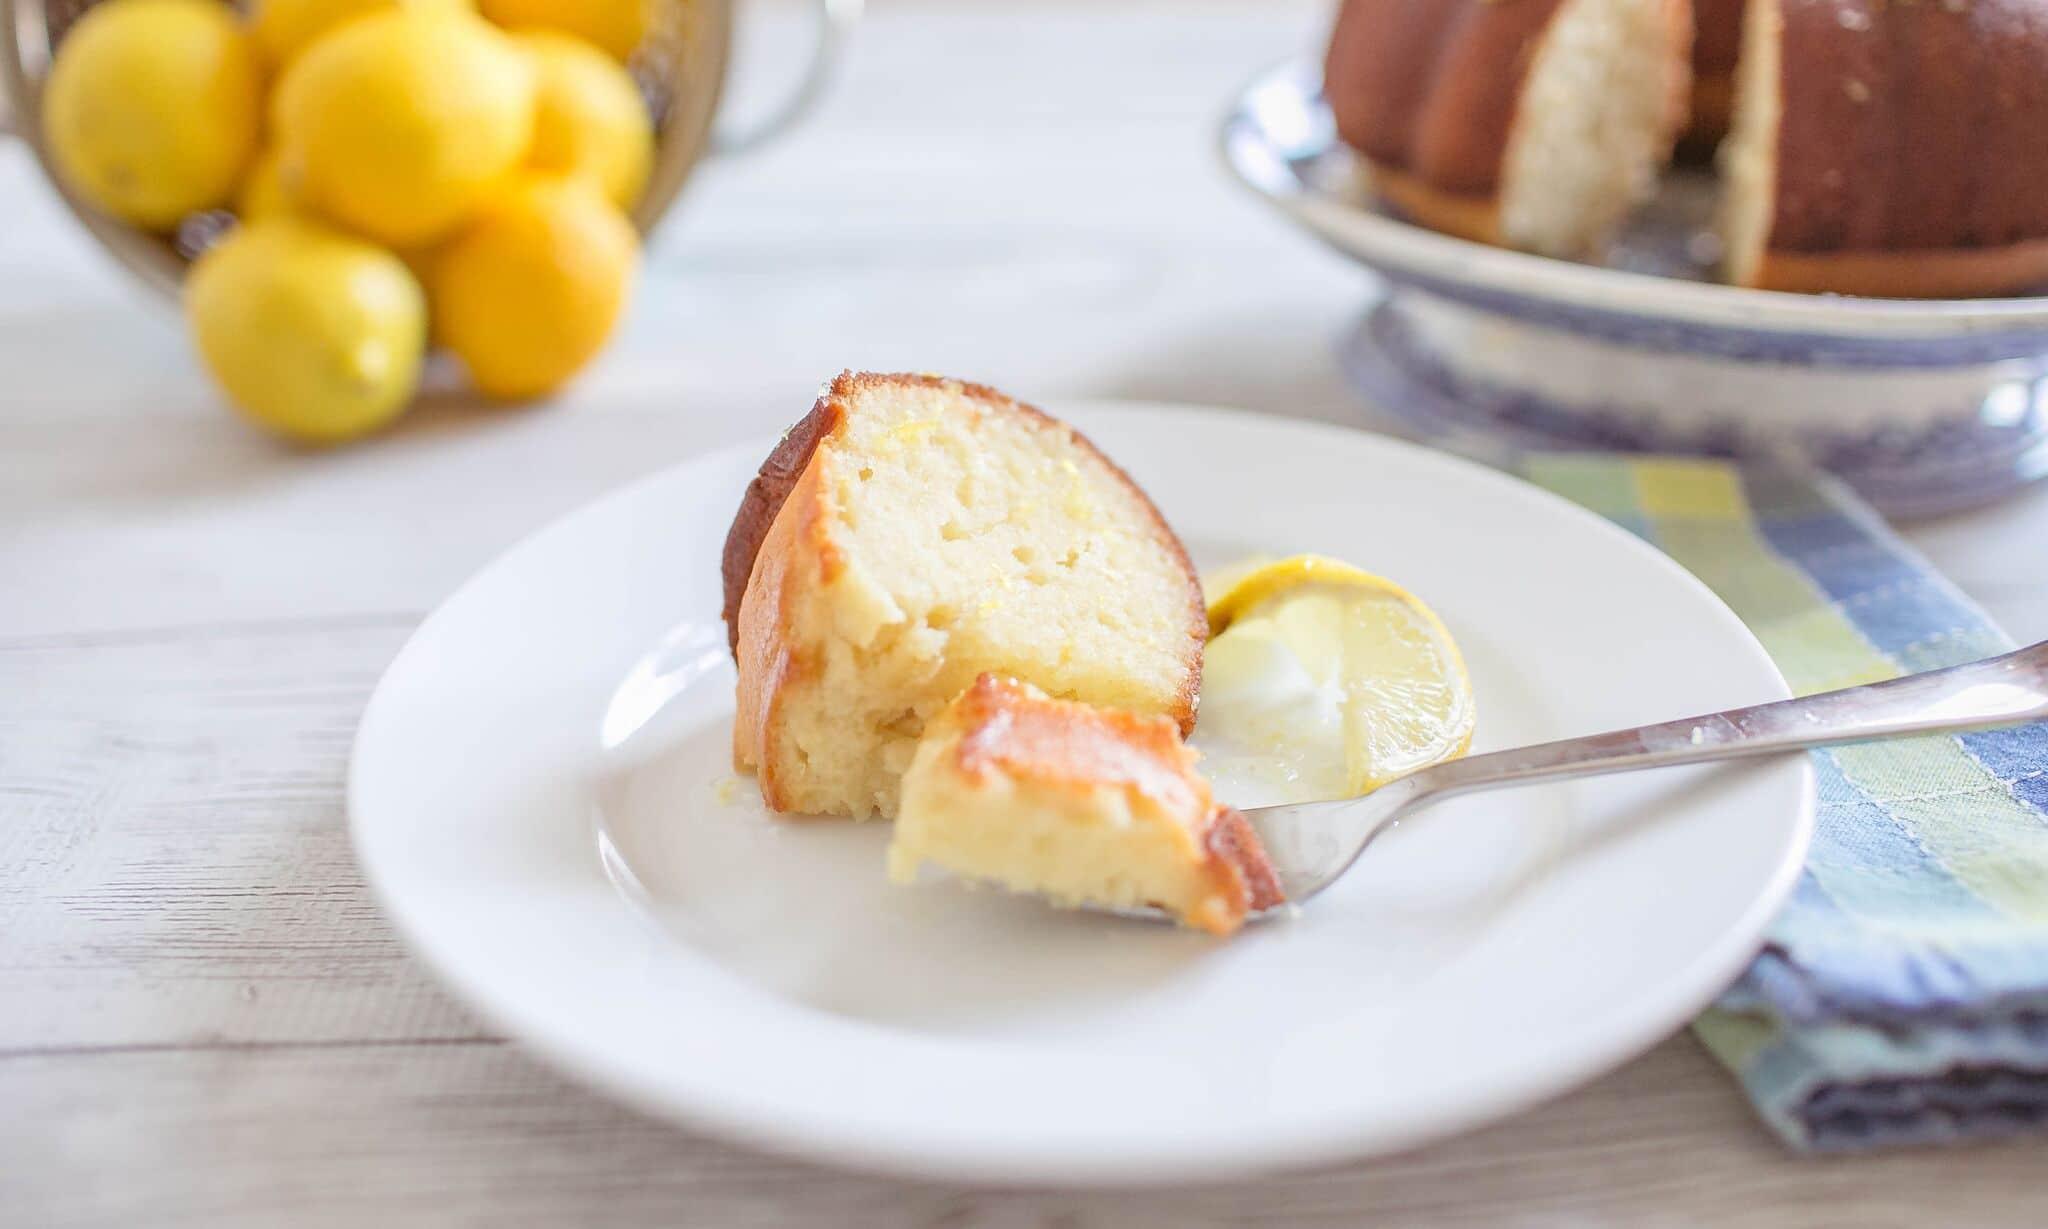 Enjoy this awesome lemon bundt cake